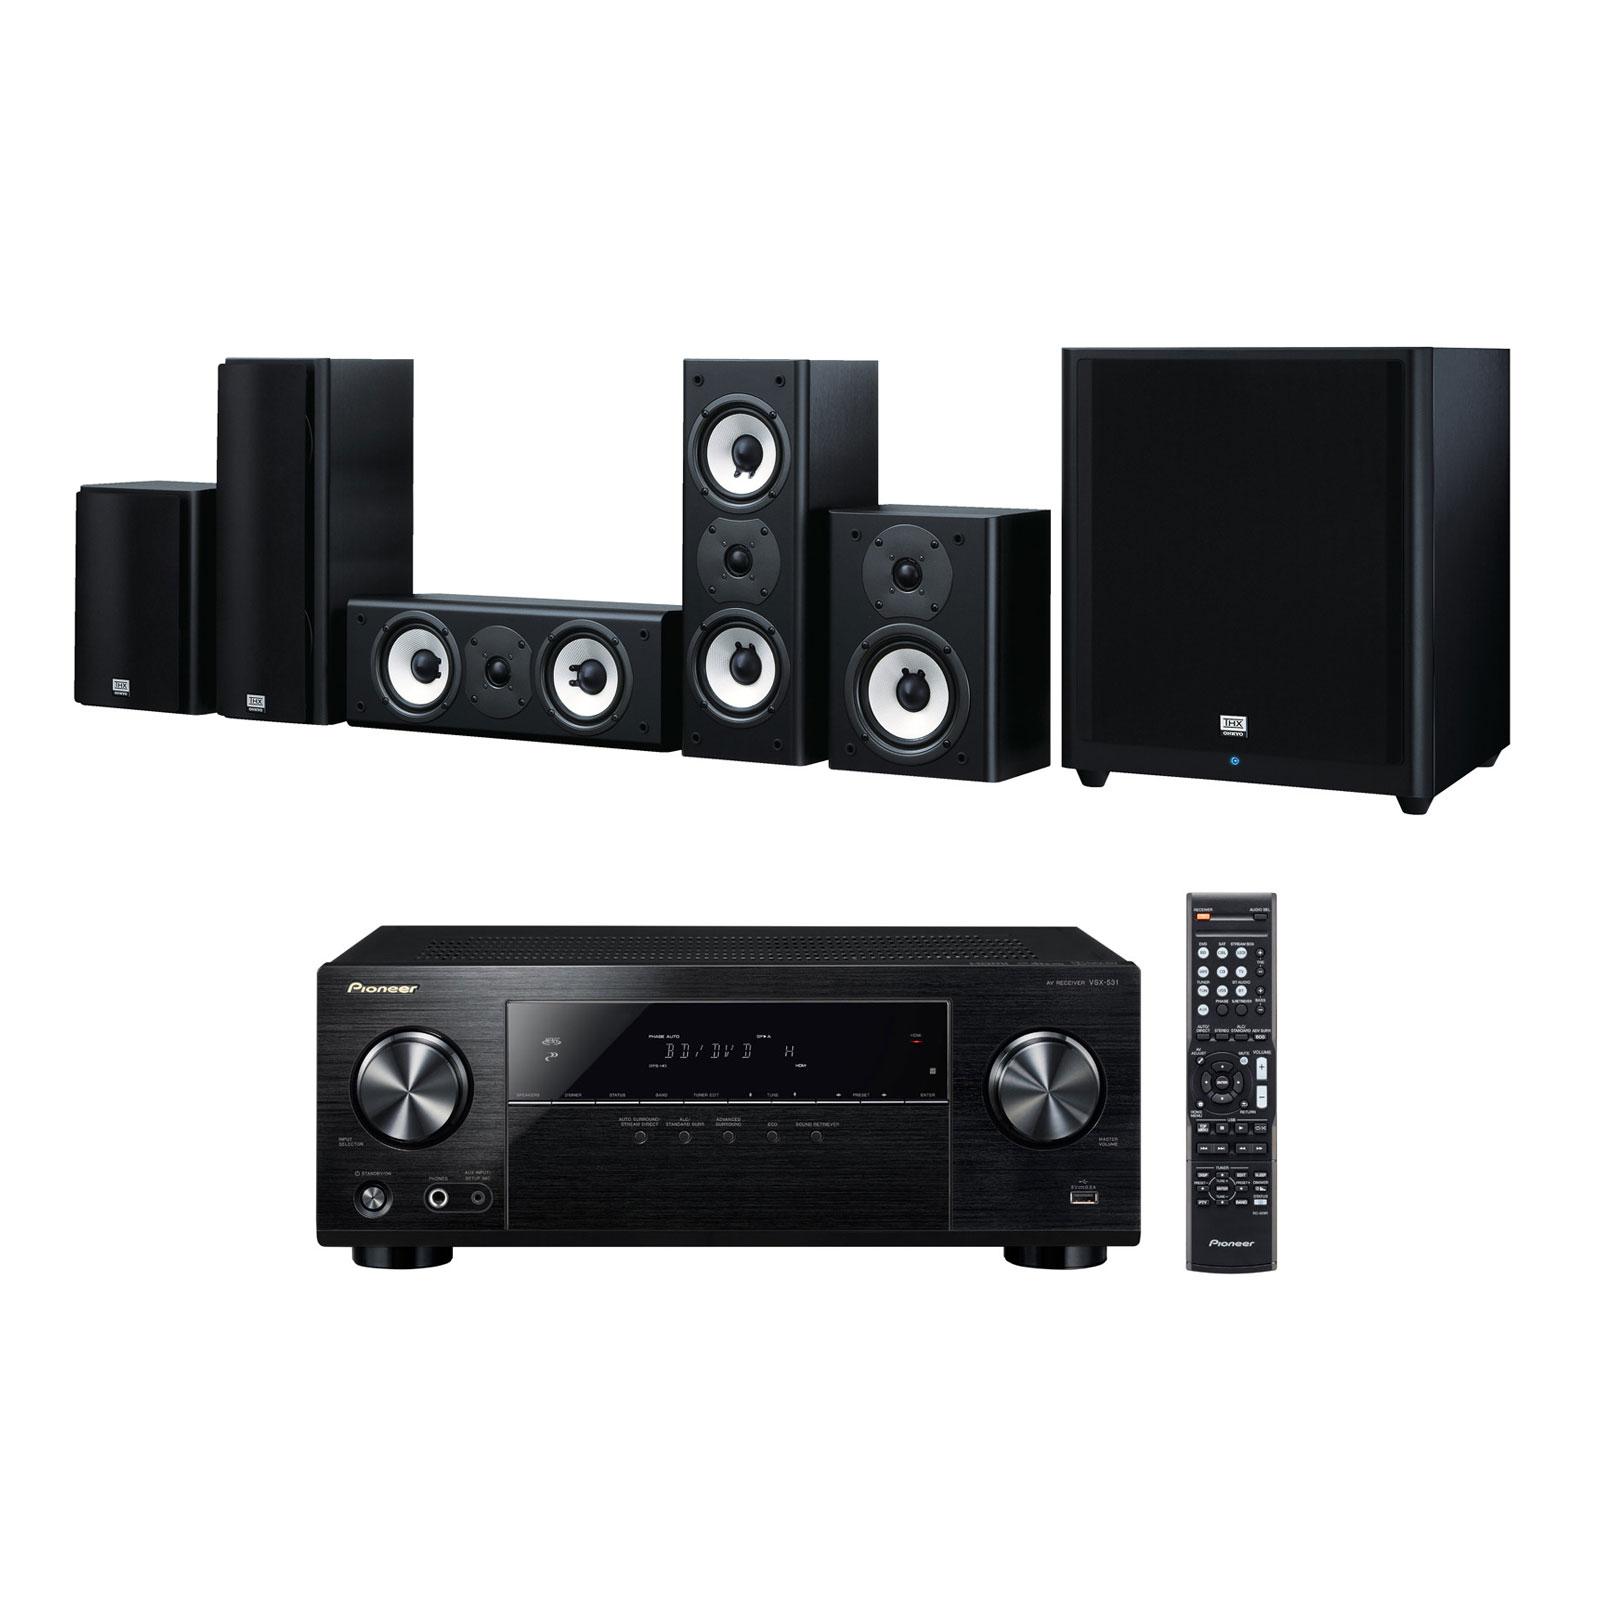 Ensemble home cinéma Pioneer VSX-531B + Onkyo SKS-HT978THX Ampli-tuner Home Cinéma 5.1 Bluetooth, HDCP 2.2, et Upscaling Ultra HD 4K avec 4 entrées HDMI + Pack d'enceintes 5.1 certification THX